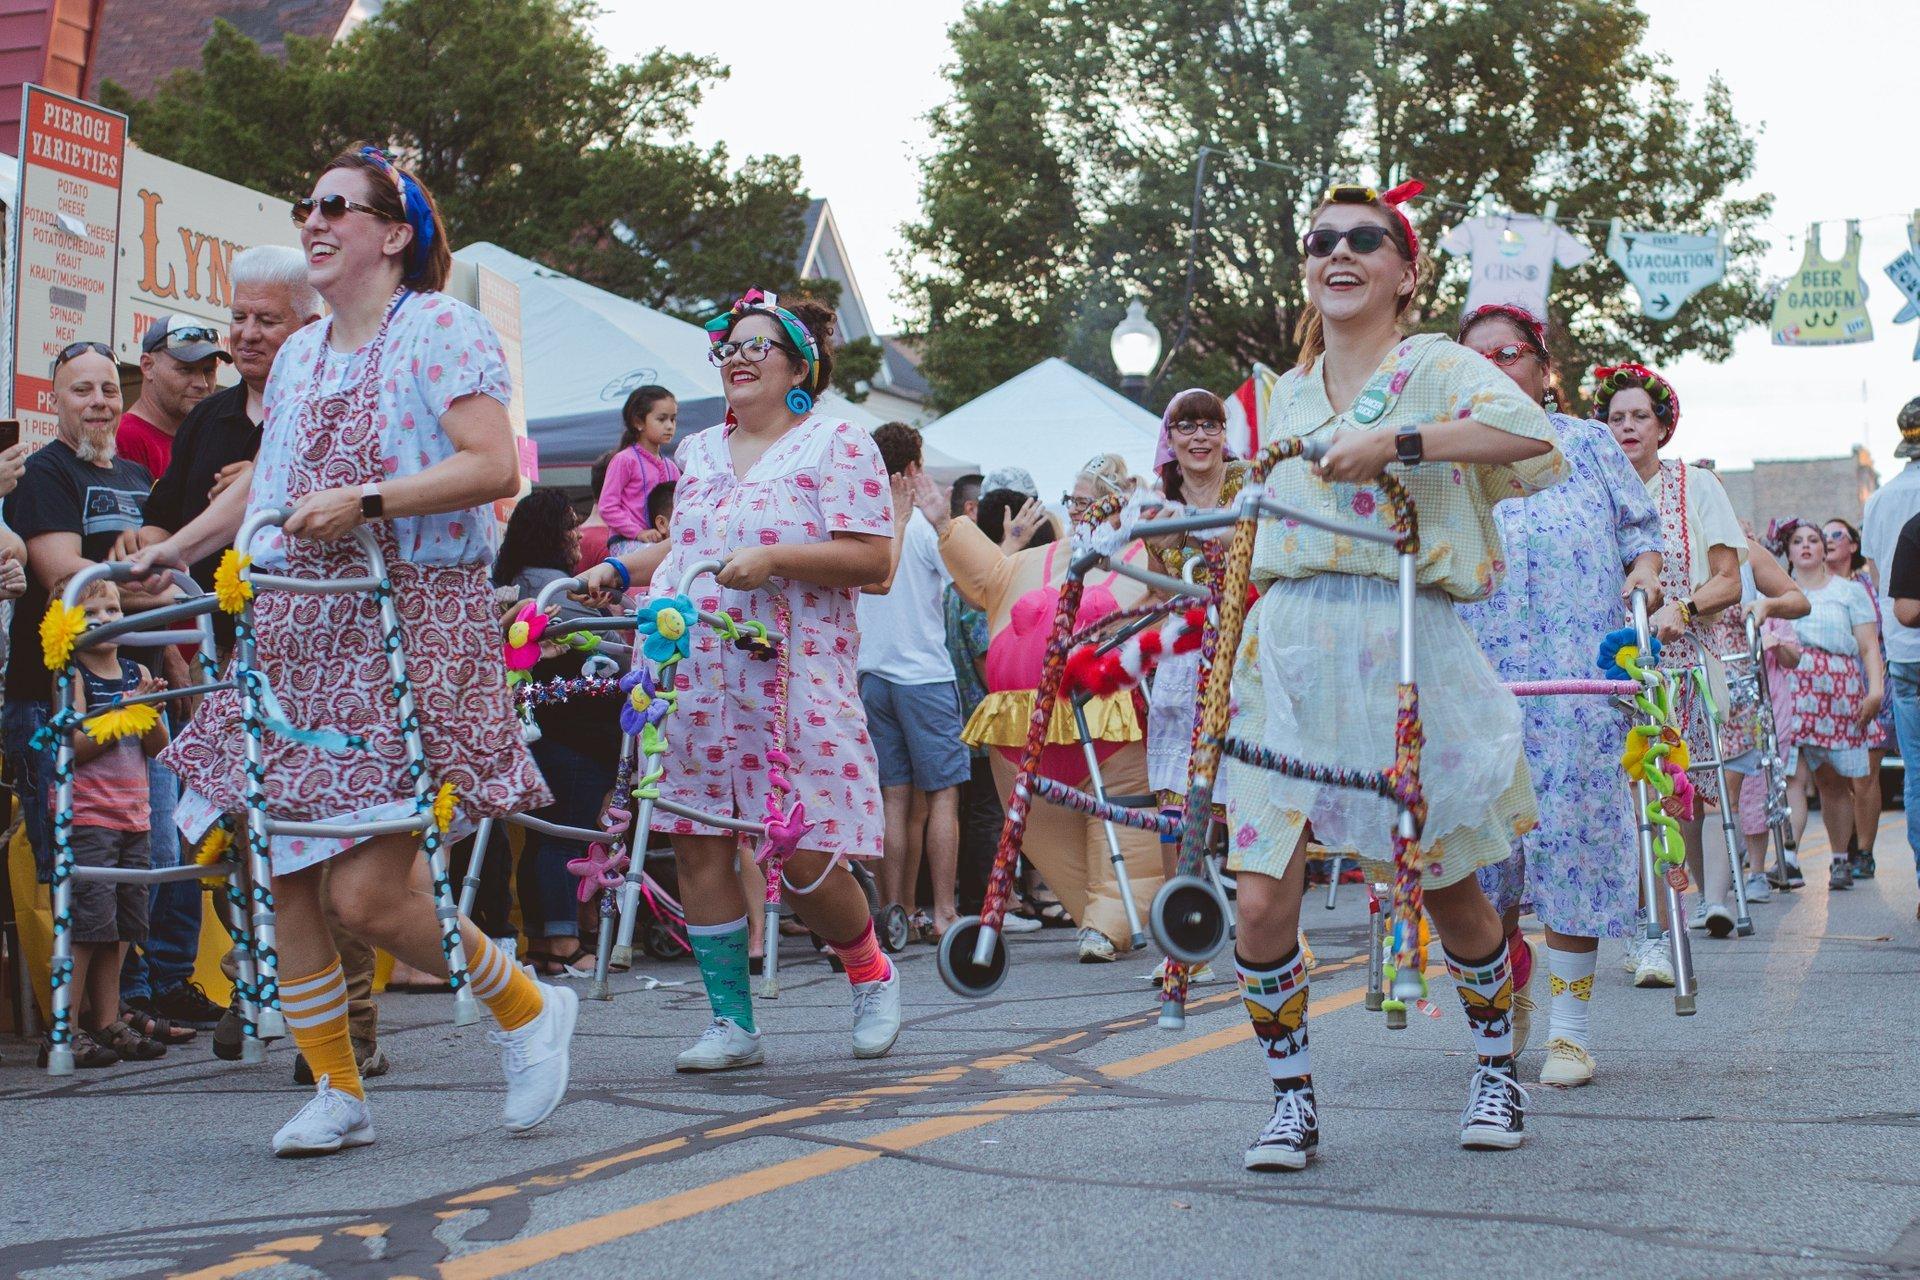 Pierogi Fest in Midwest - Best Season 2019